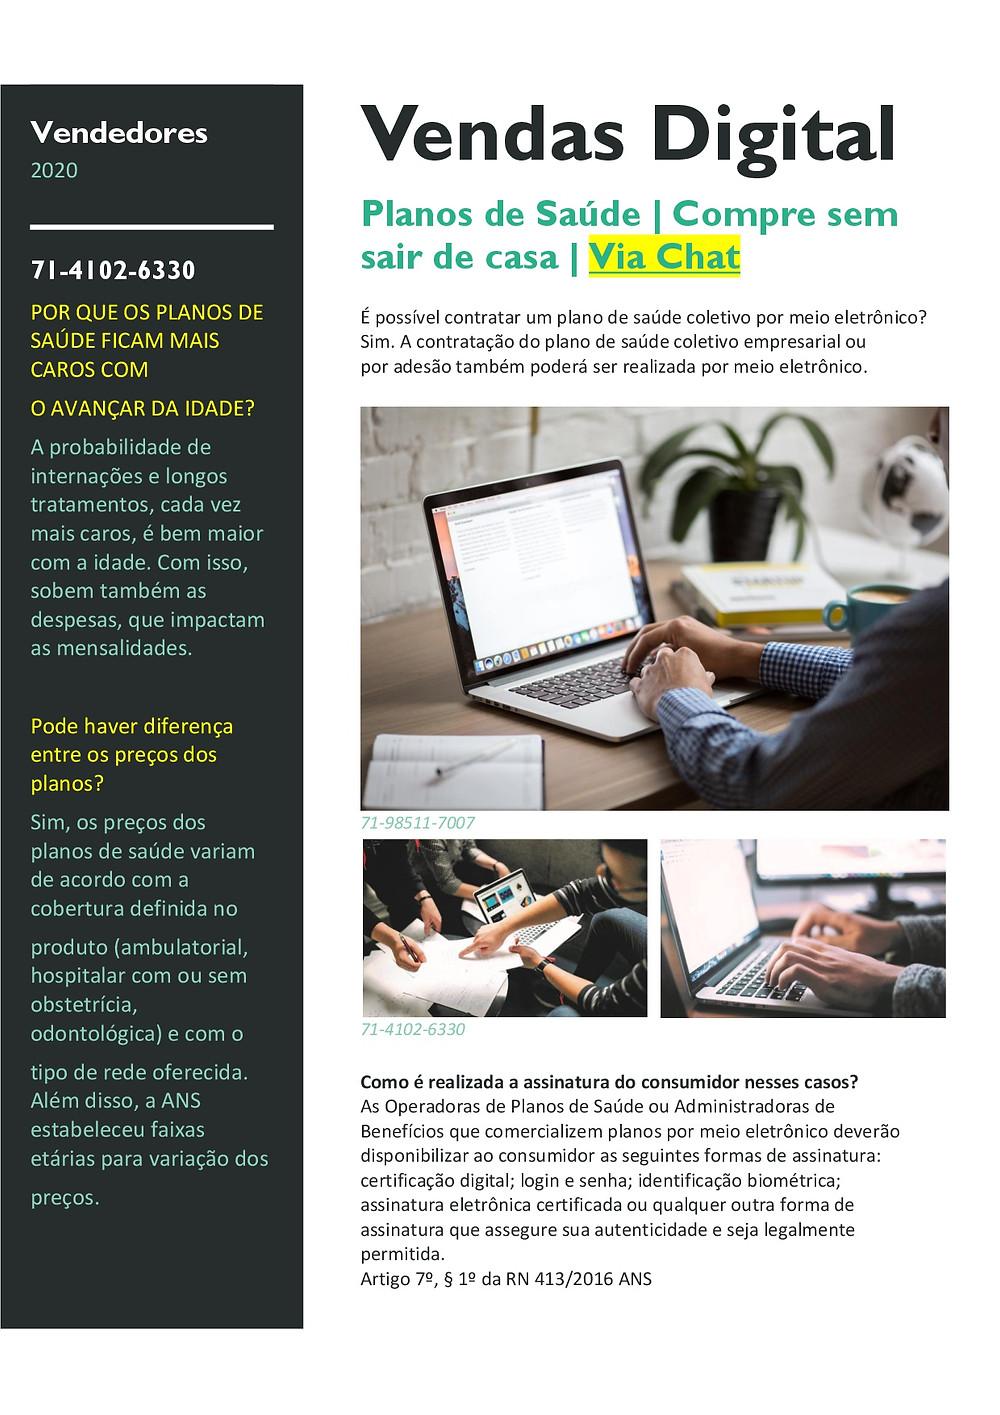 Encontre um Corretor SulAmerica - Planos de Saude para Empresas